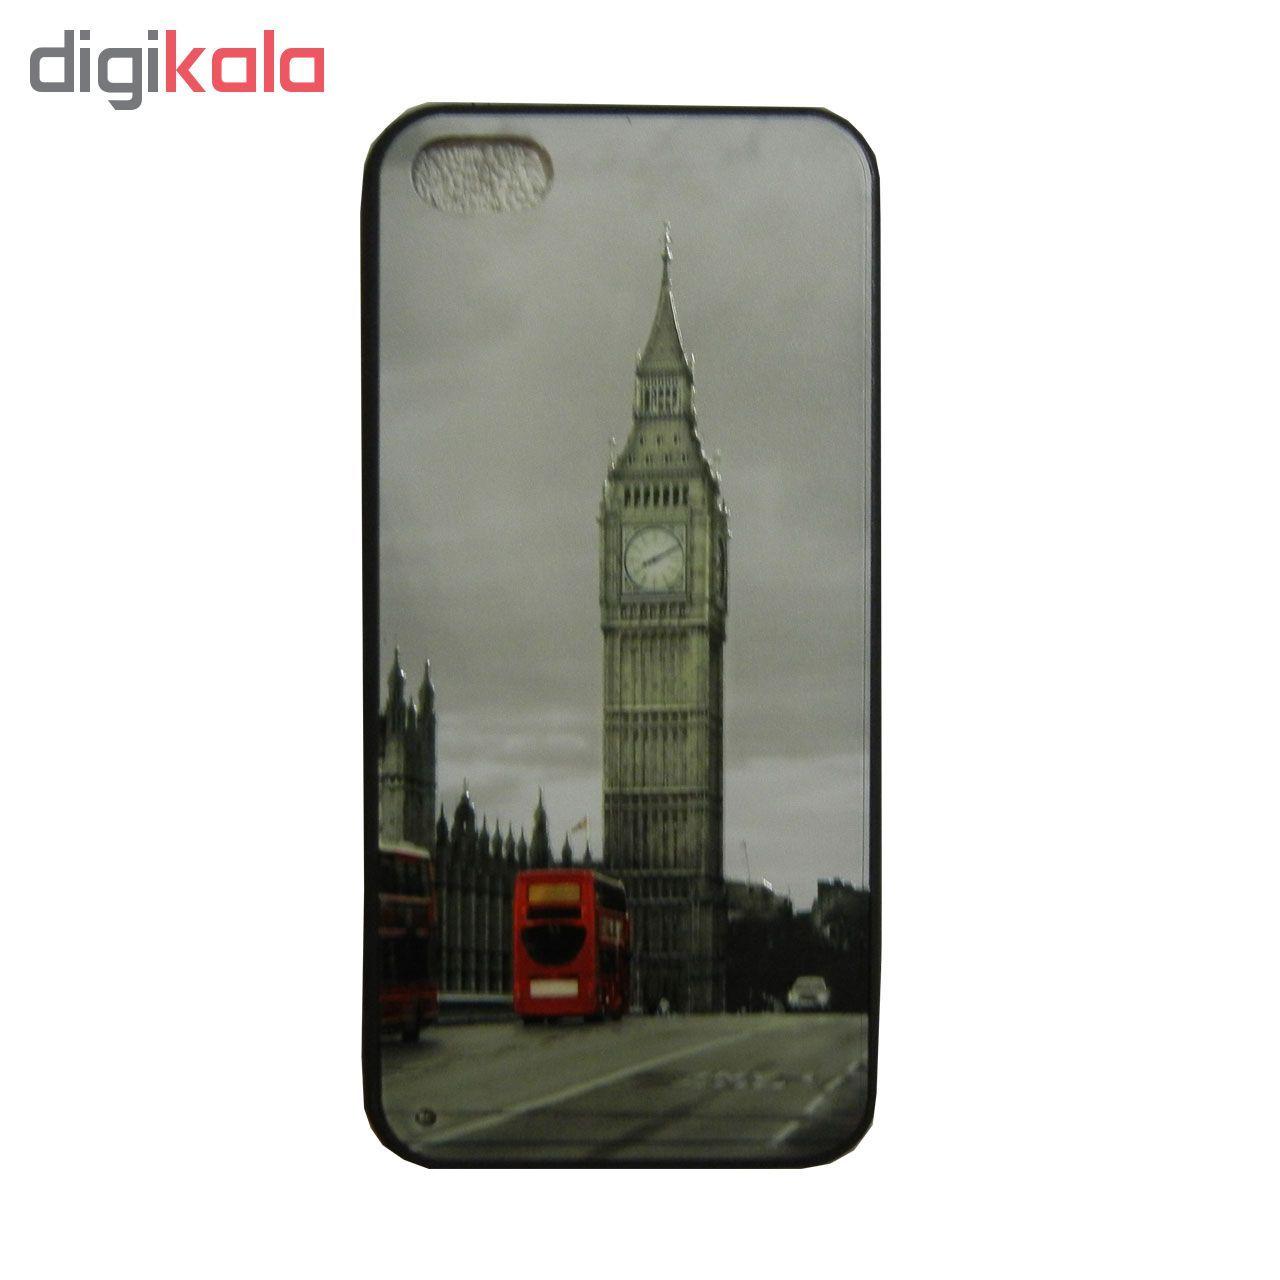 کاور مدل I52 مناسب برای گوشی موبایل اپل iPhone 5/5S/SE main 1 1